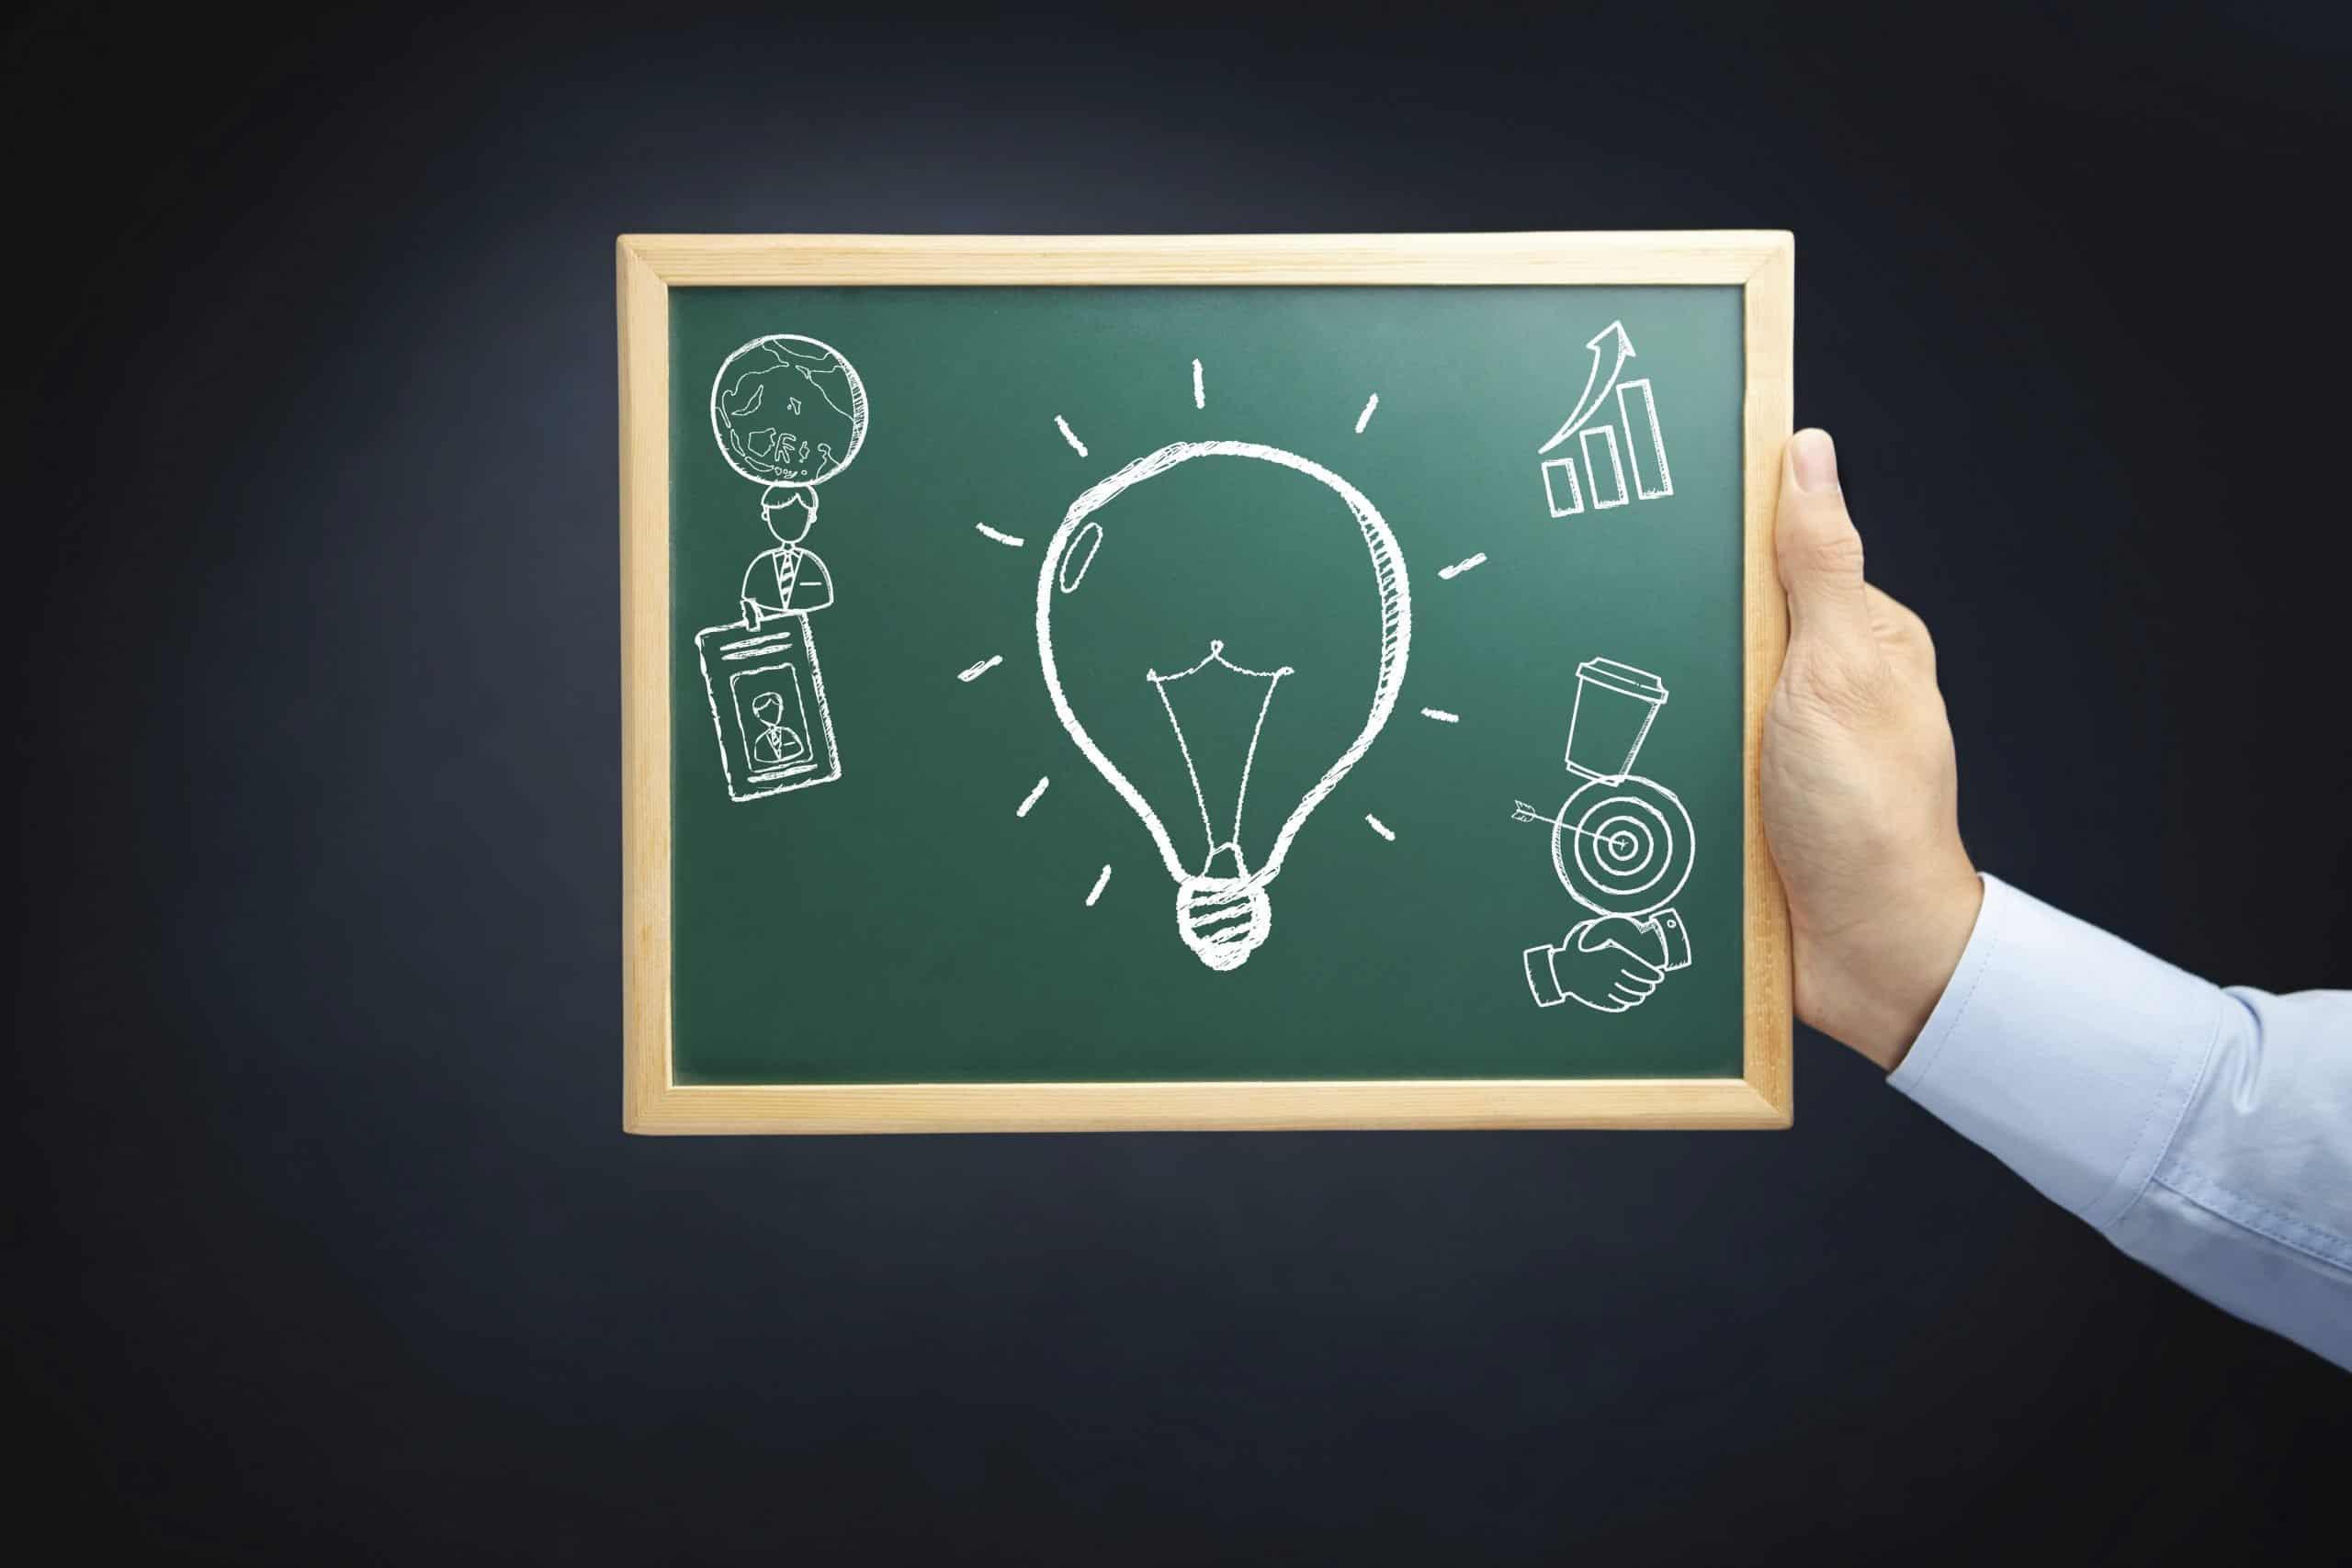 Impact beleggen - Wat is de volgende stap?